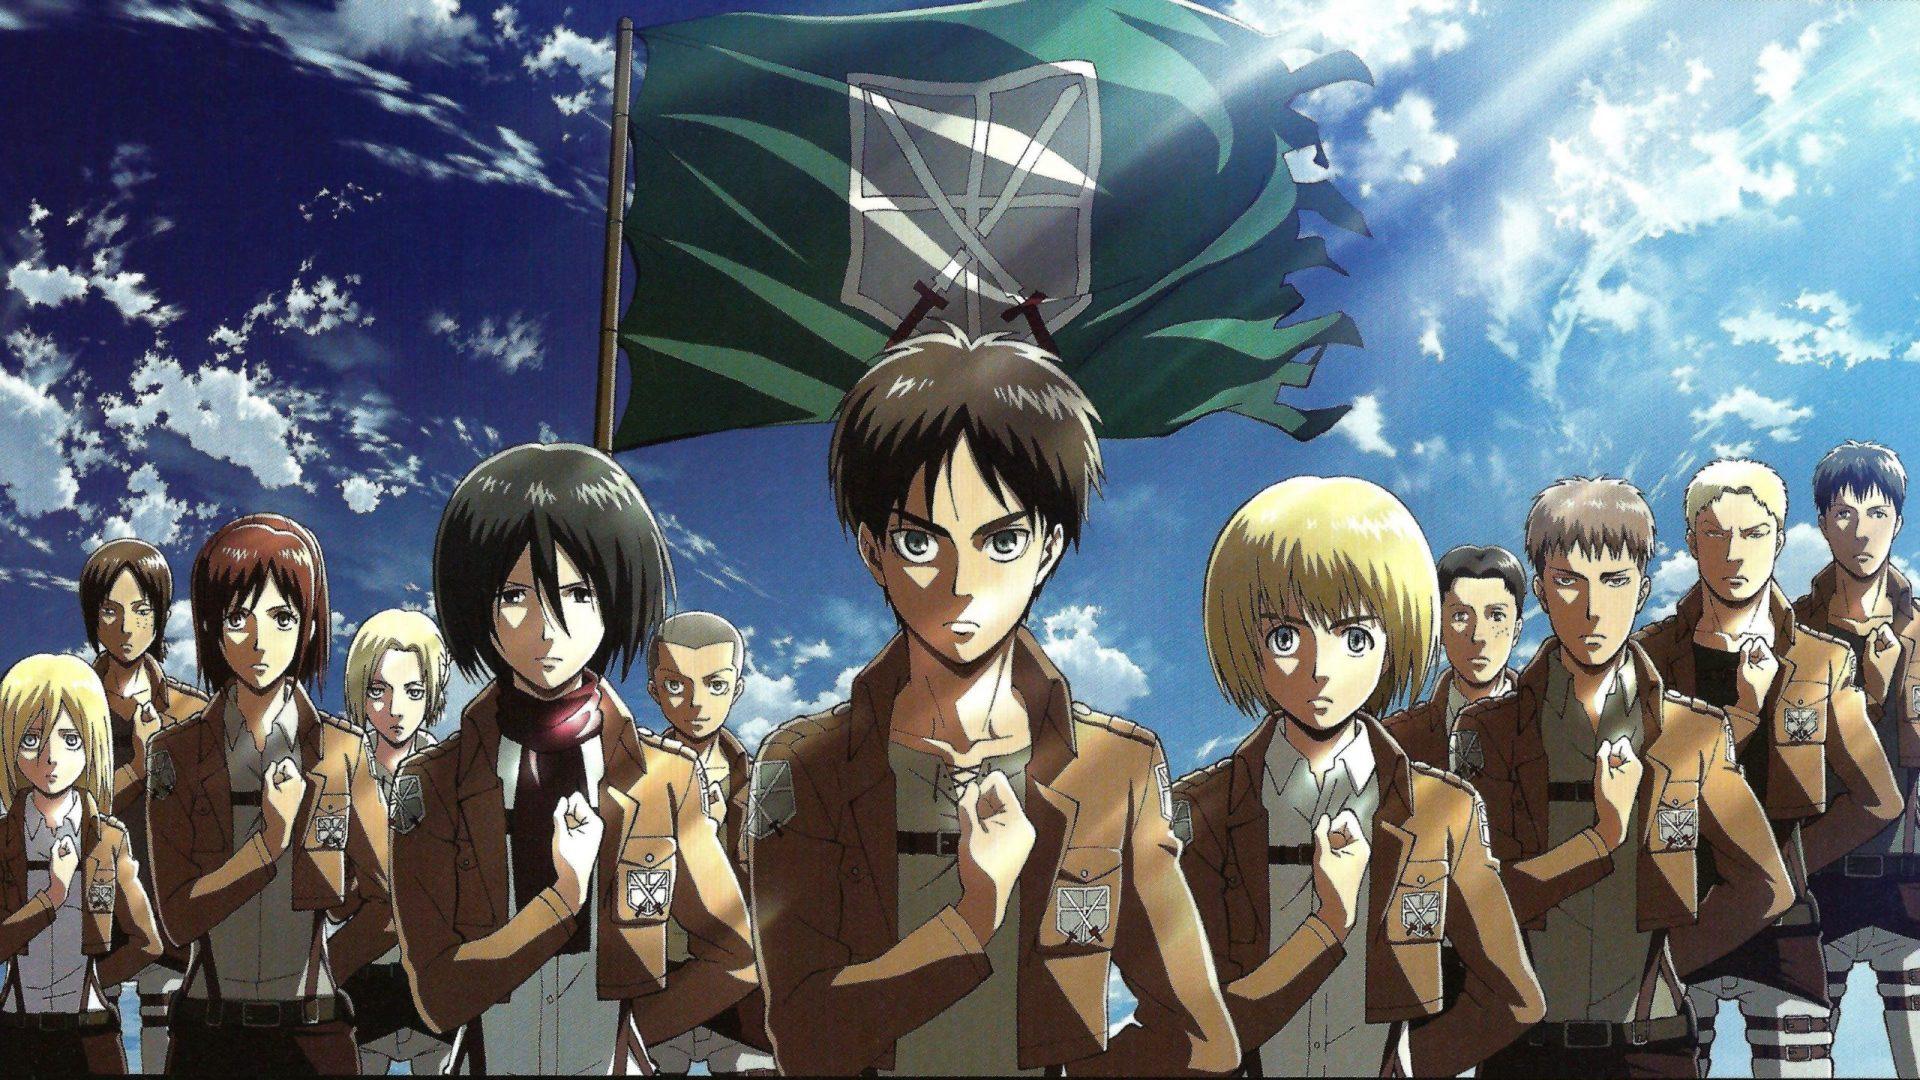 Popüler anime dizi Attack on Titan'ın 4. ve final sezonunda neler  yaşanacak? | Postkolik